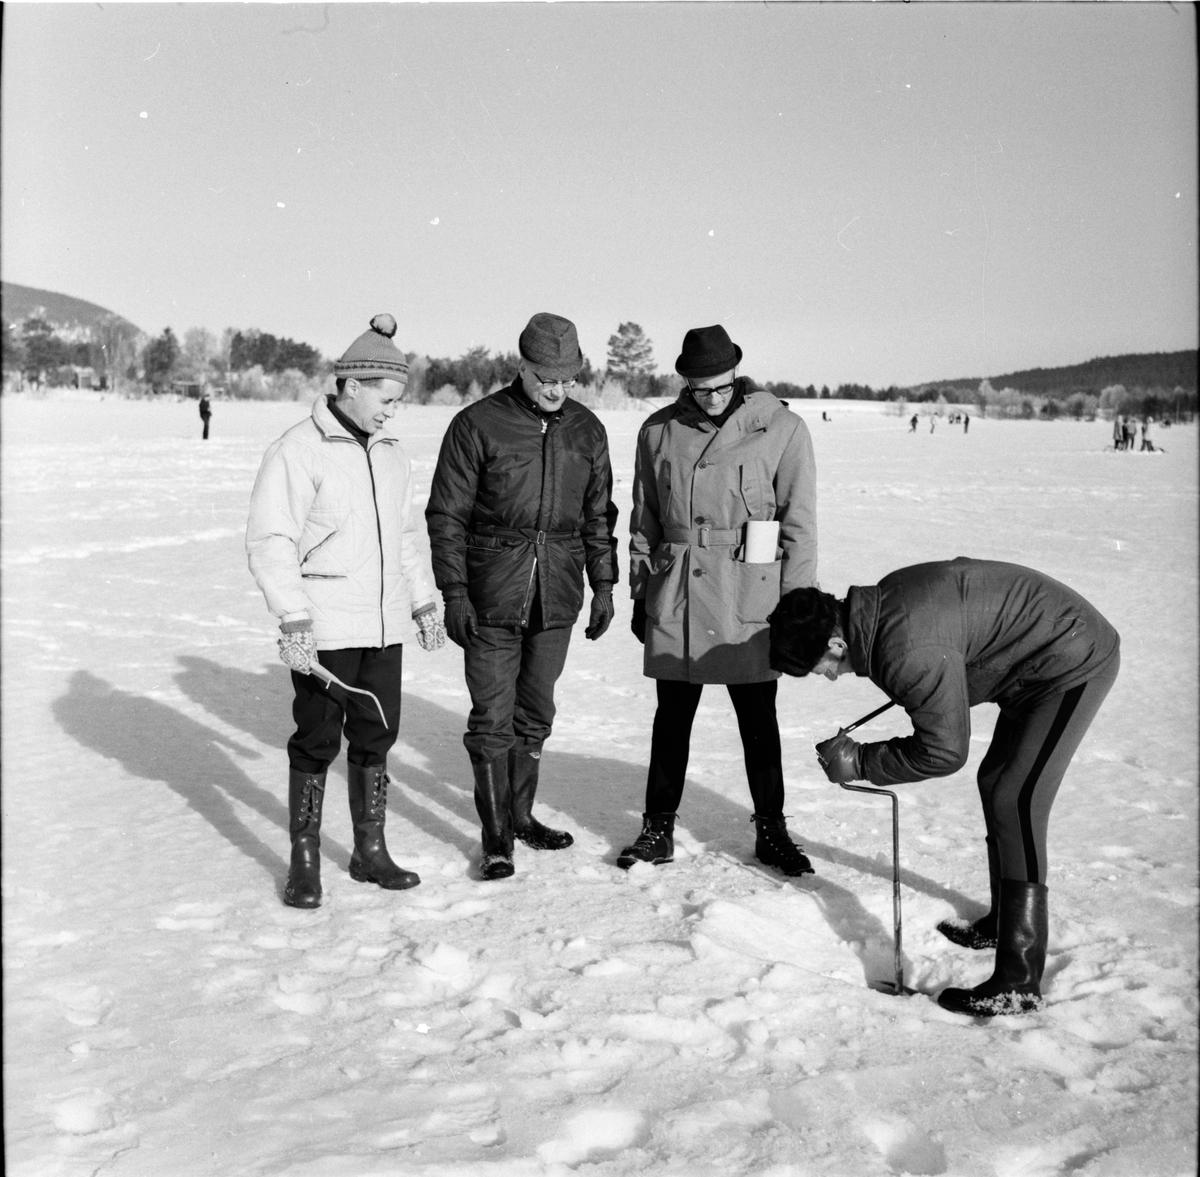 Arbrå, Skolelever pimplar på friluftsdag, April 1969